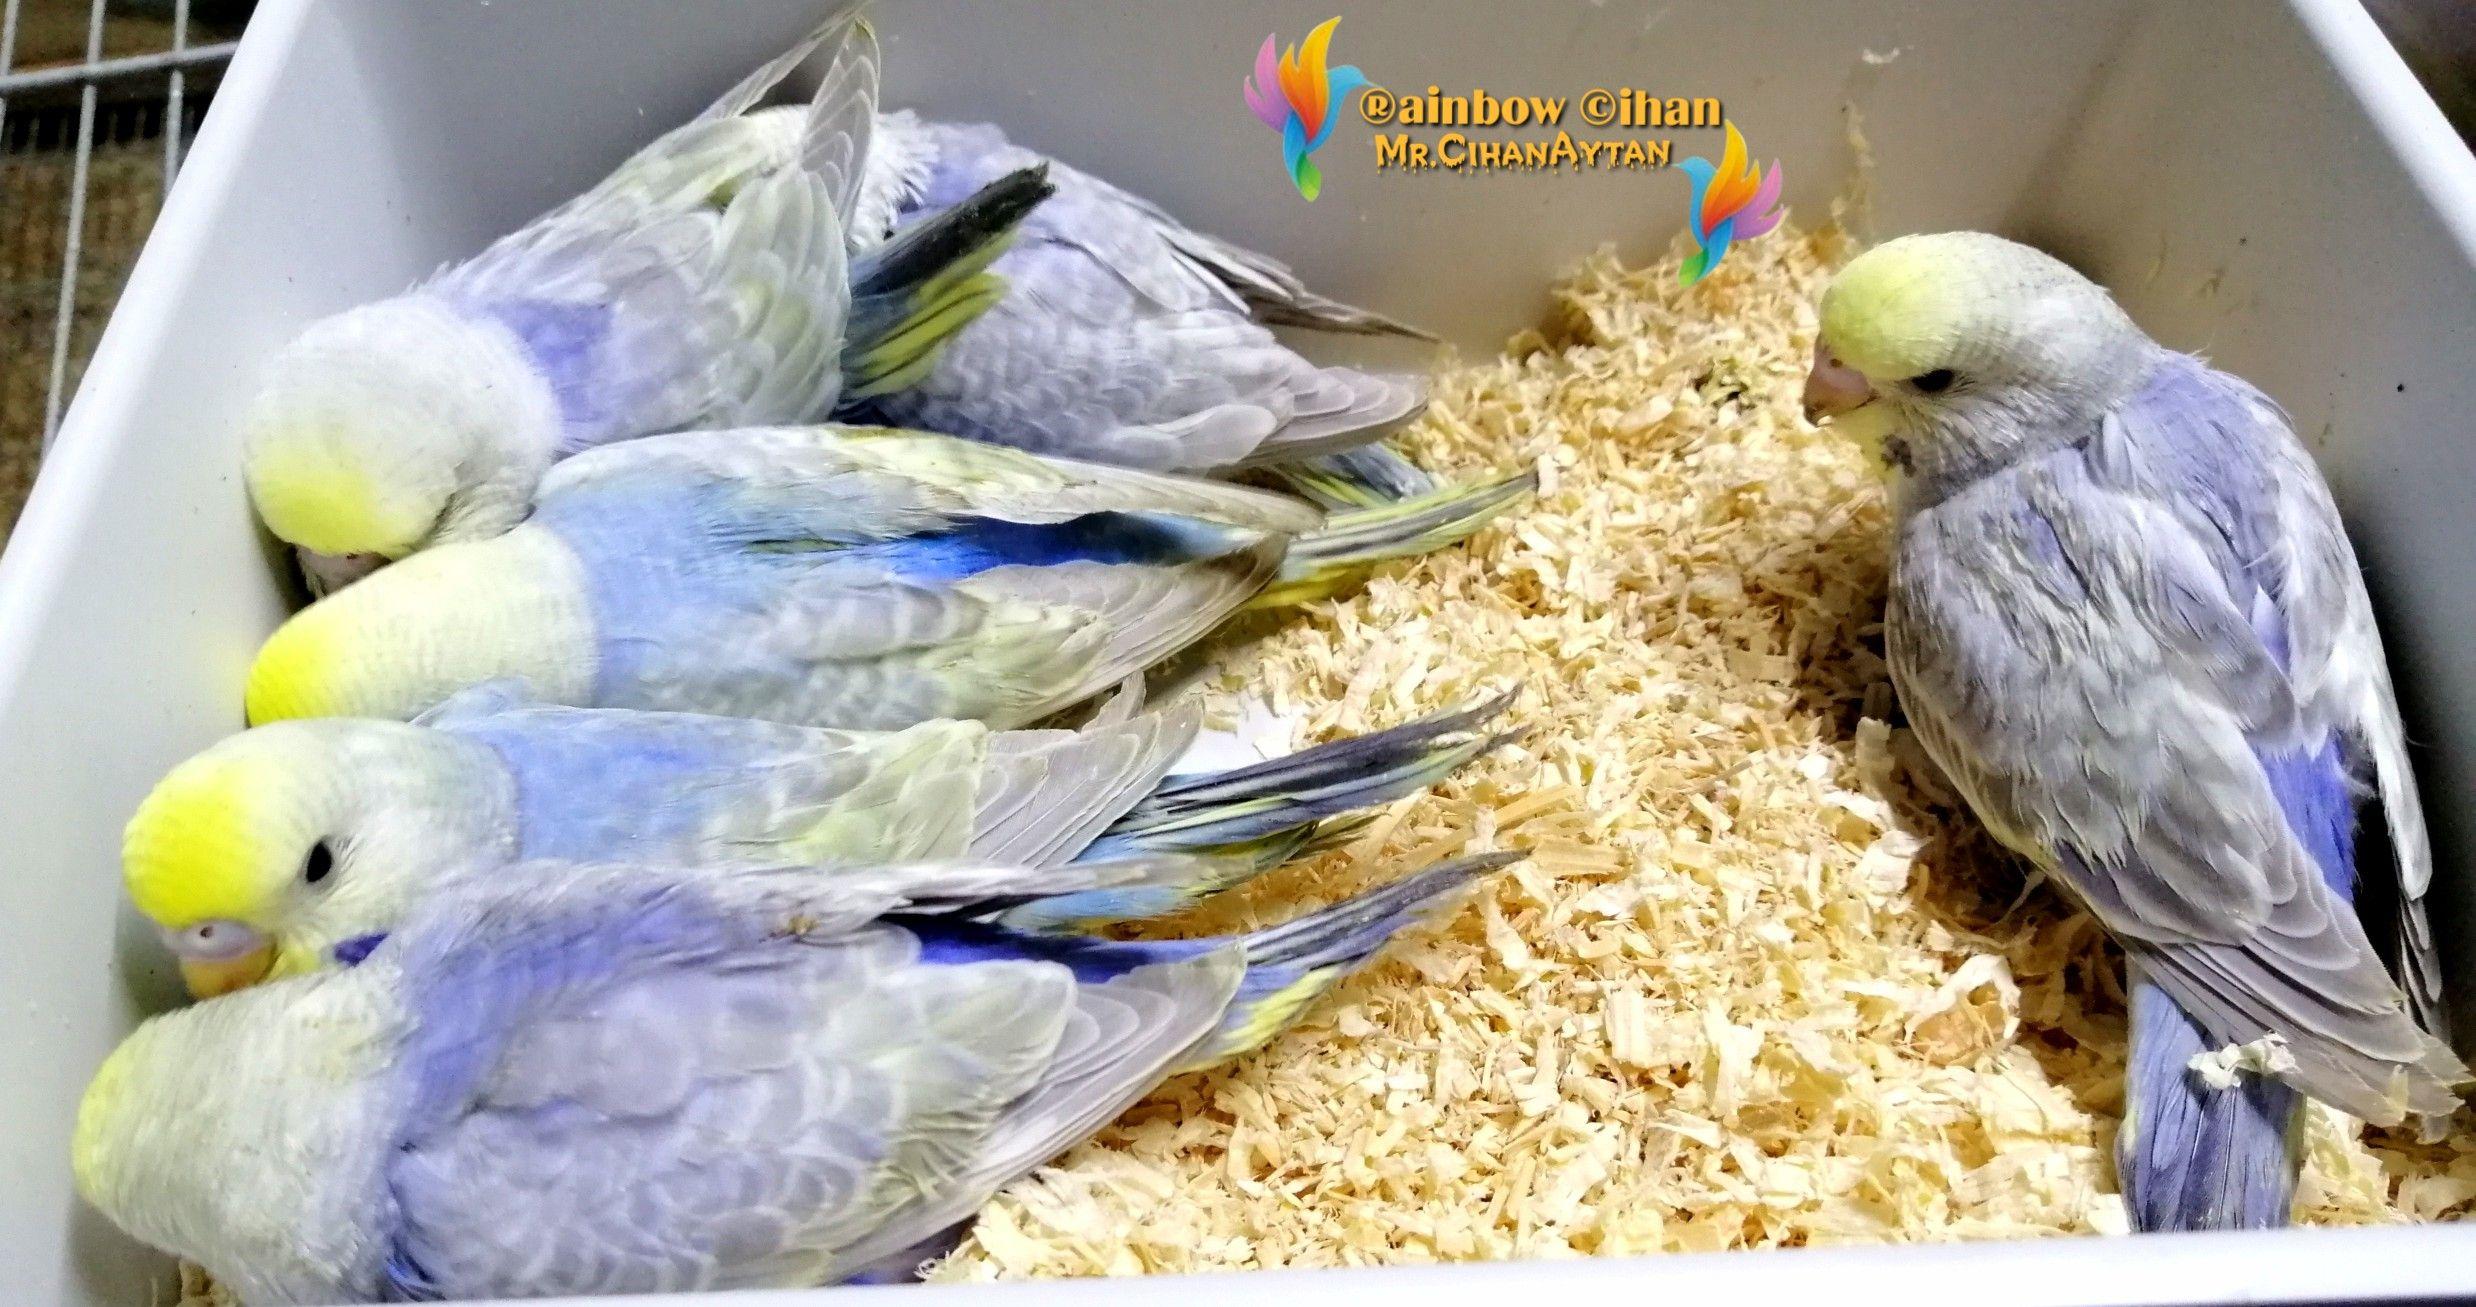 Rainbow muhabbet kuşu yav...